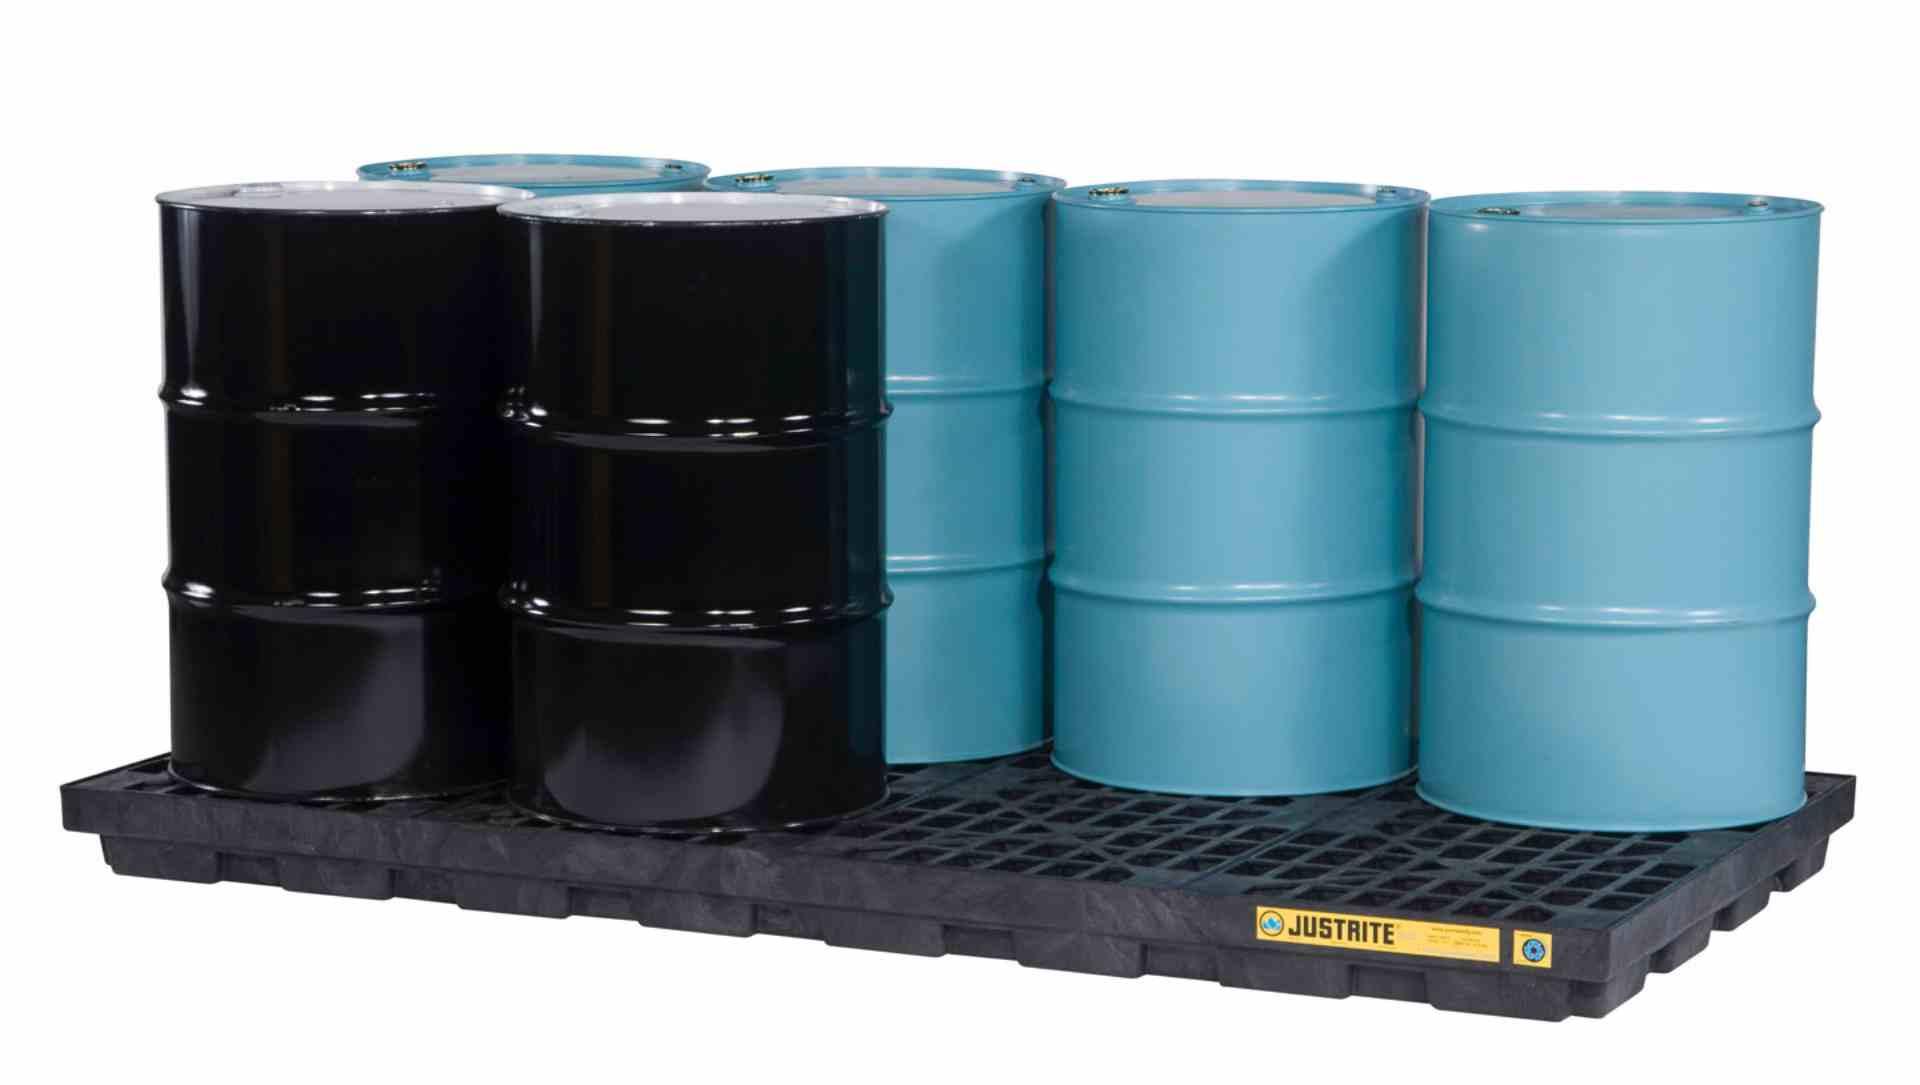 Wanna wychwytowa polietylenowa niskoprofilowa pod 8 beczek, kolor czarny, 2464 x 1245 x 140 mm